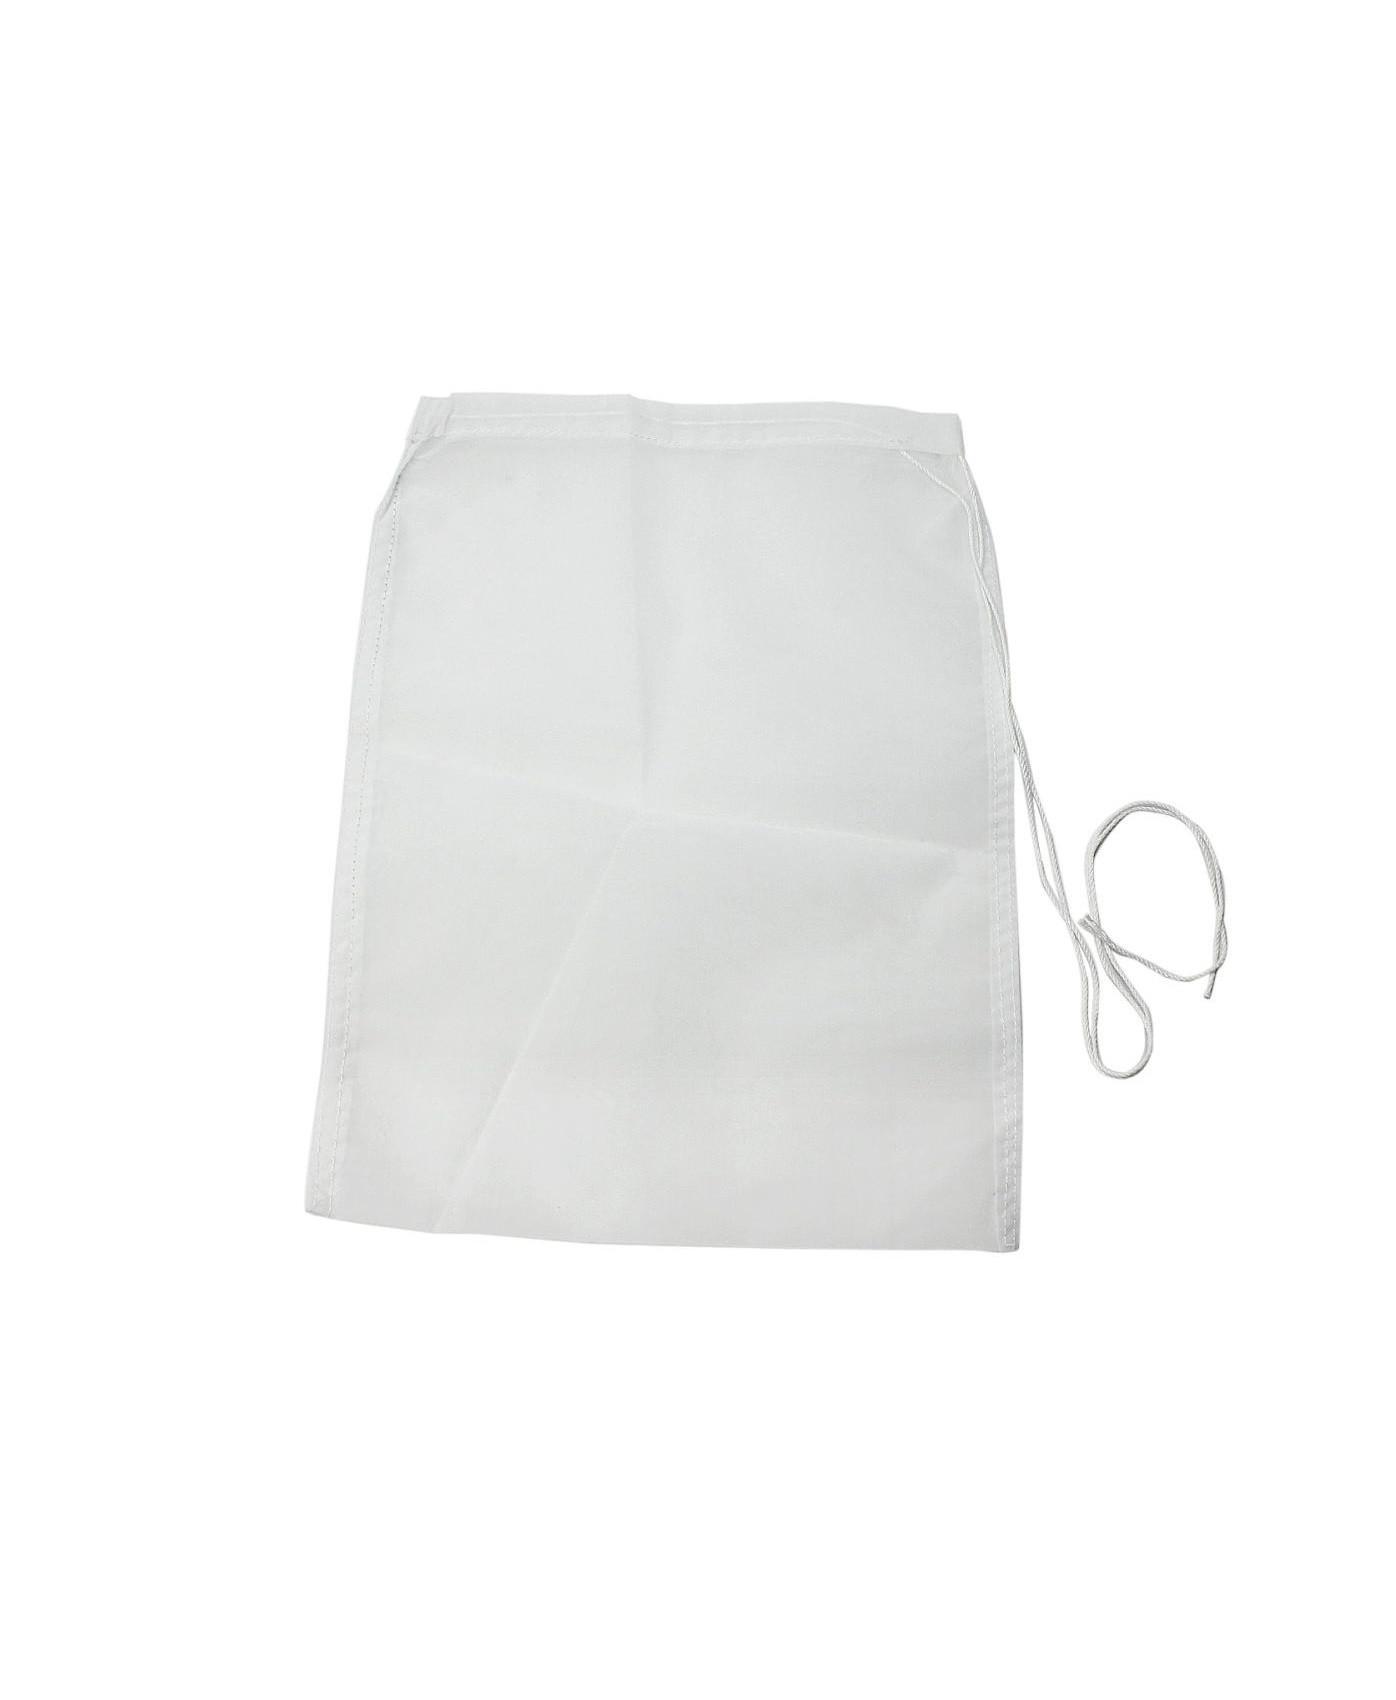 Мешок для затирки солода 45 х 62 см (плотность: 100 меш)